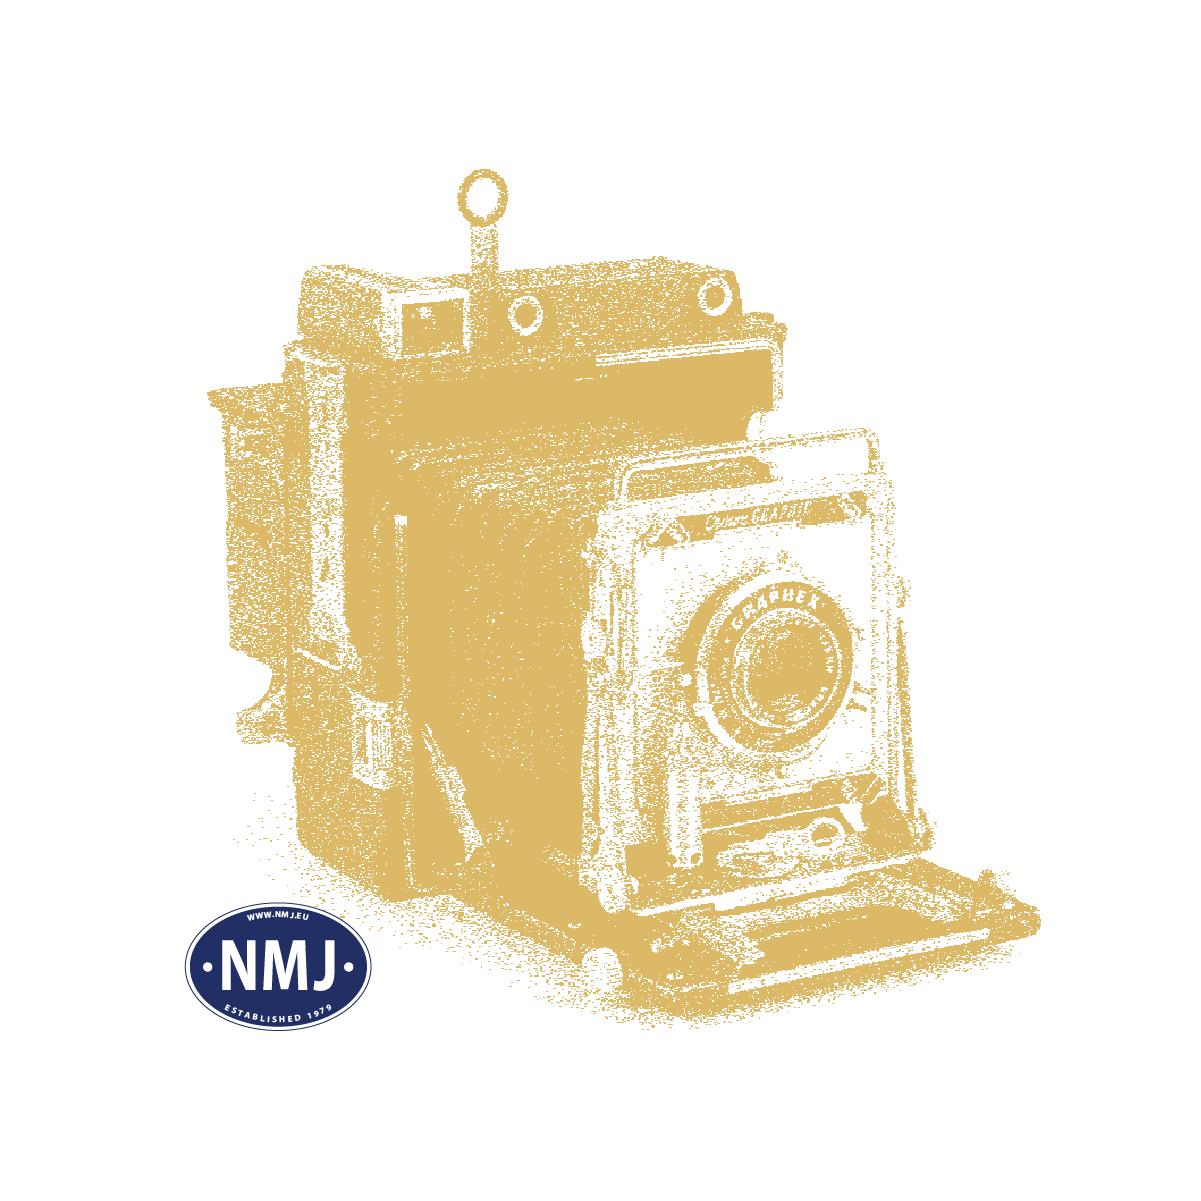 Topline Personvogner, NMJ Topline Snälltåget Restaurant car R7 5633 KROGEN blue, NMJT106.903